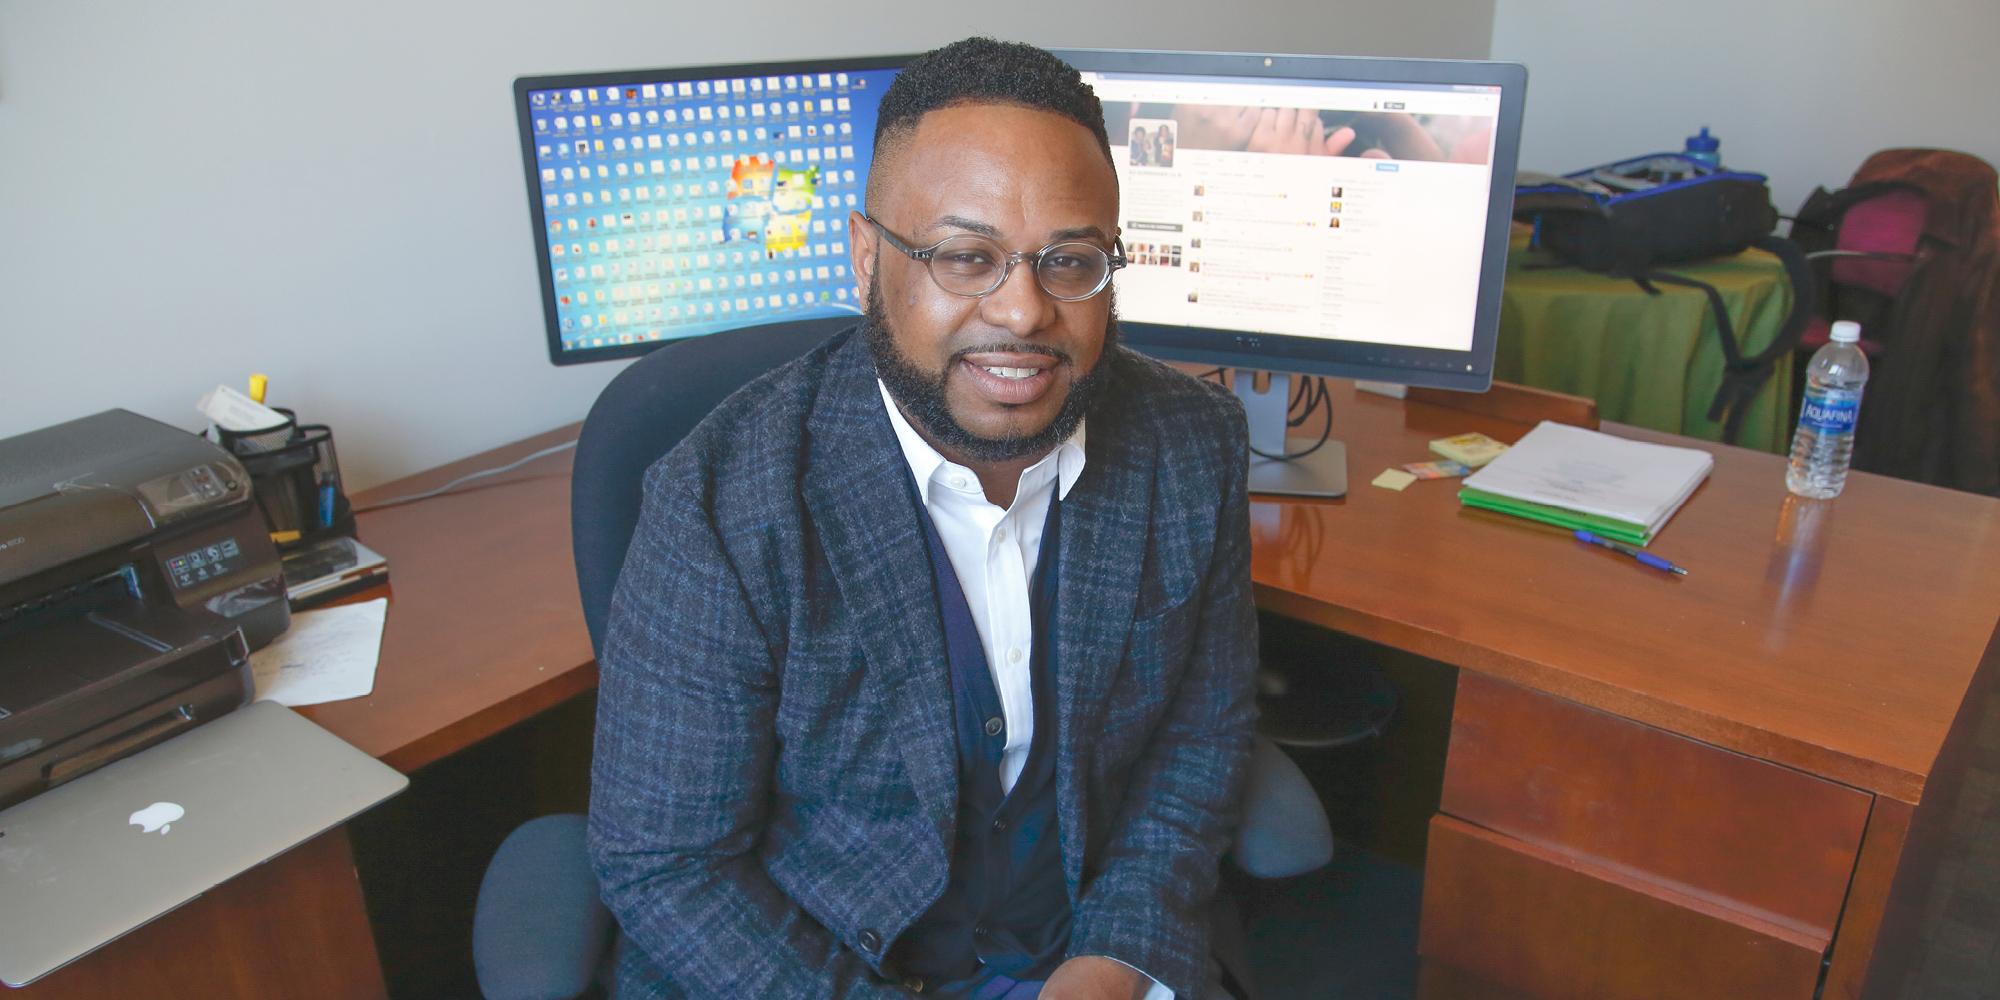 Social work meets social media - UChicago News